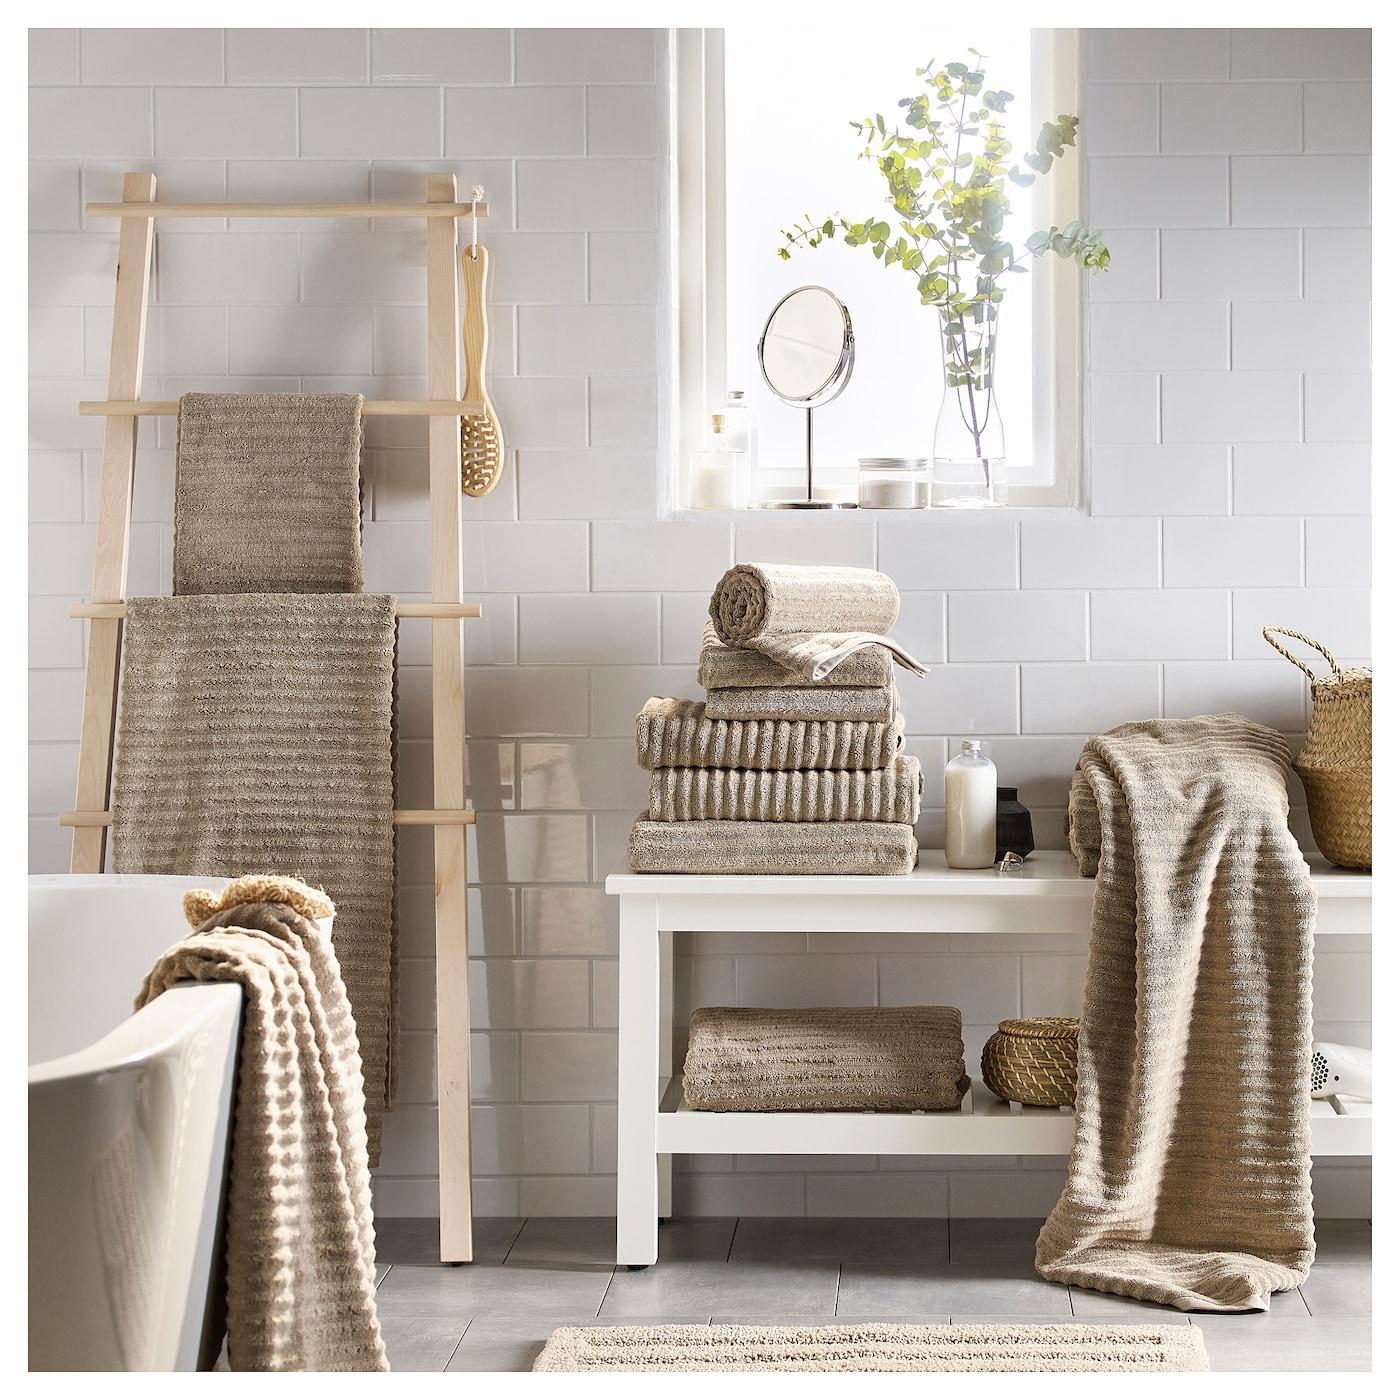 Flodalen toalla de ba o beige 70 x 140 cm ikea - Toallas de bano ikea ...